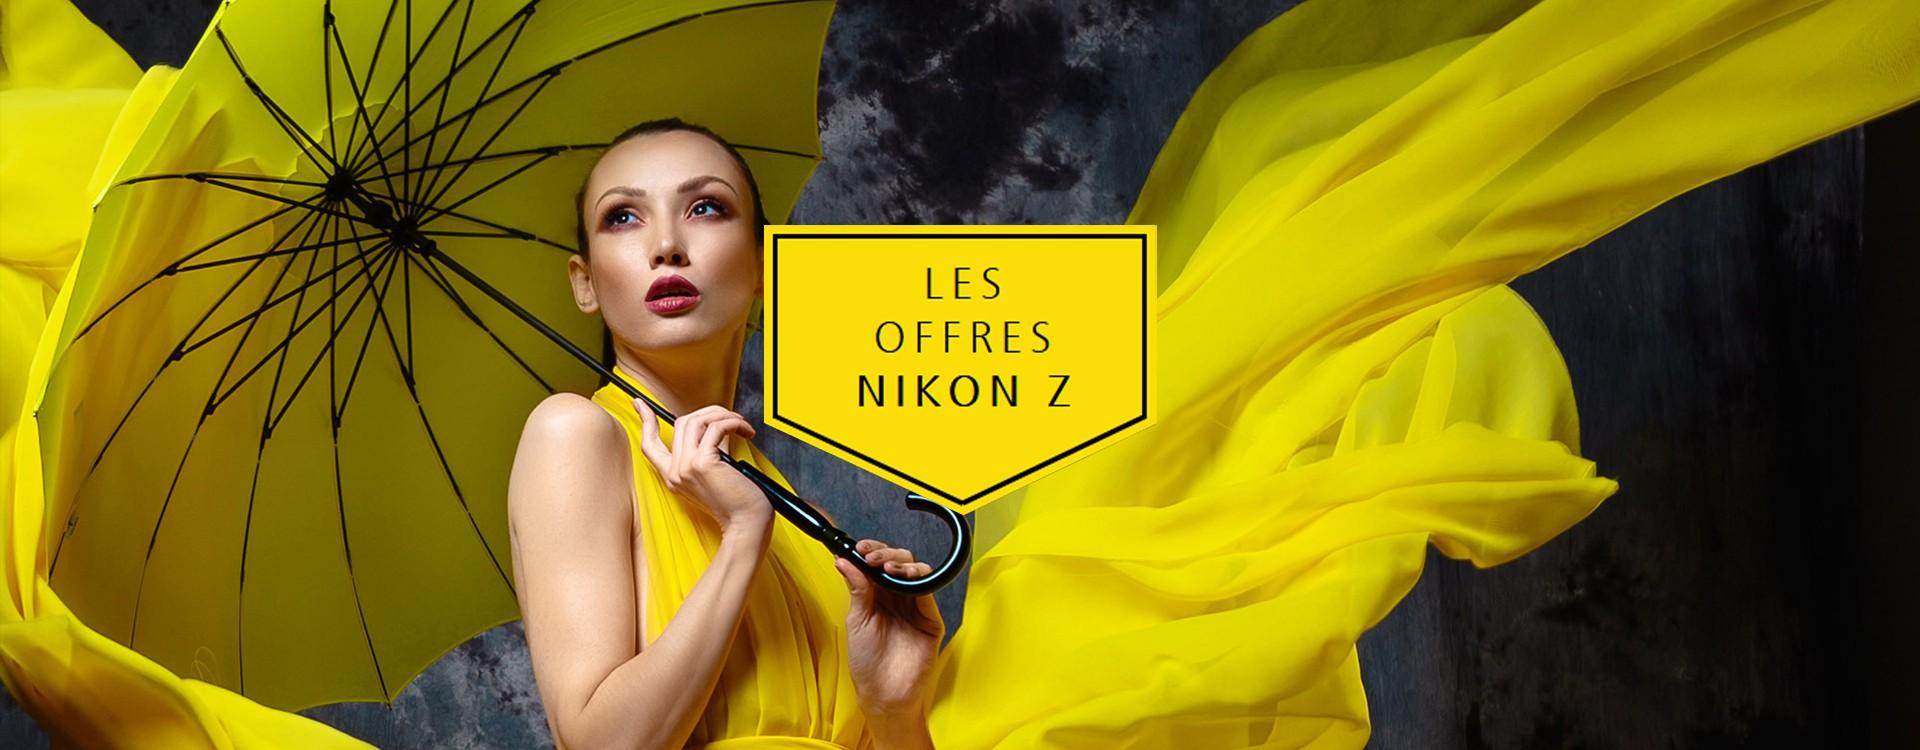 Offre Nikon Z